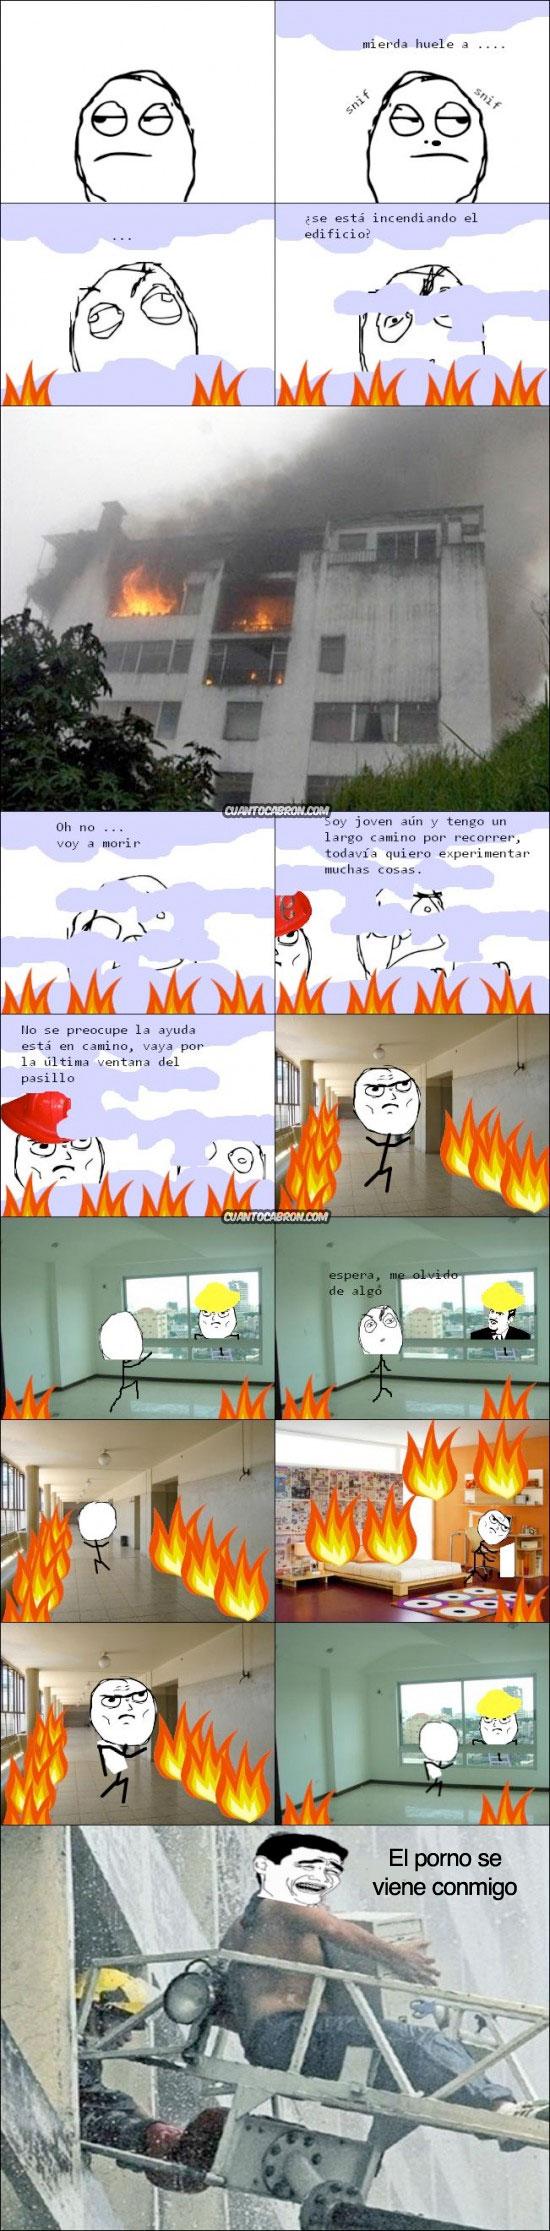 bomberos,fuego,ordenador